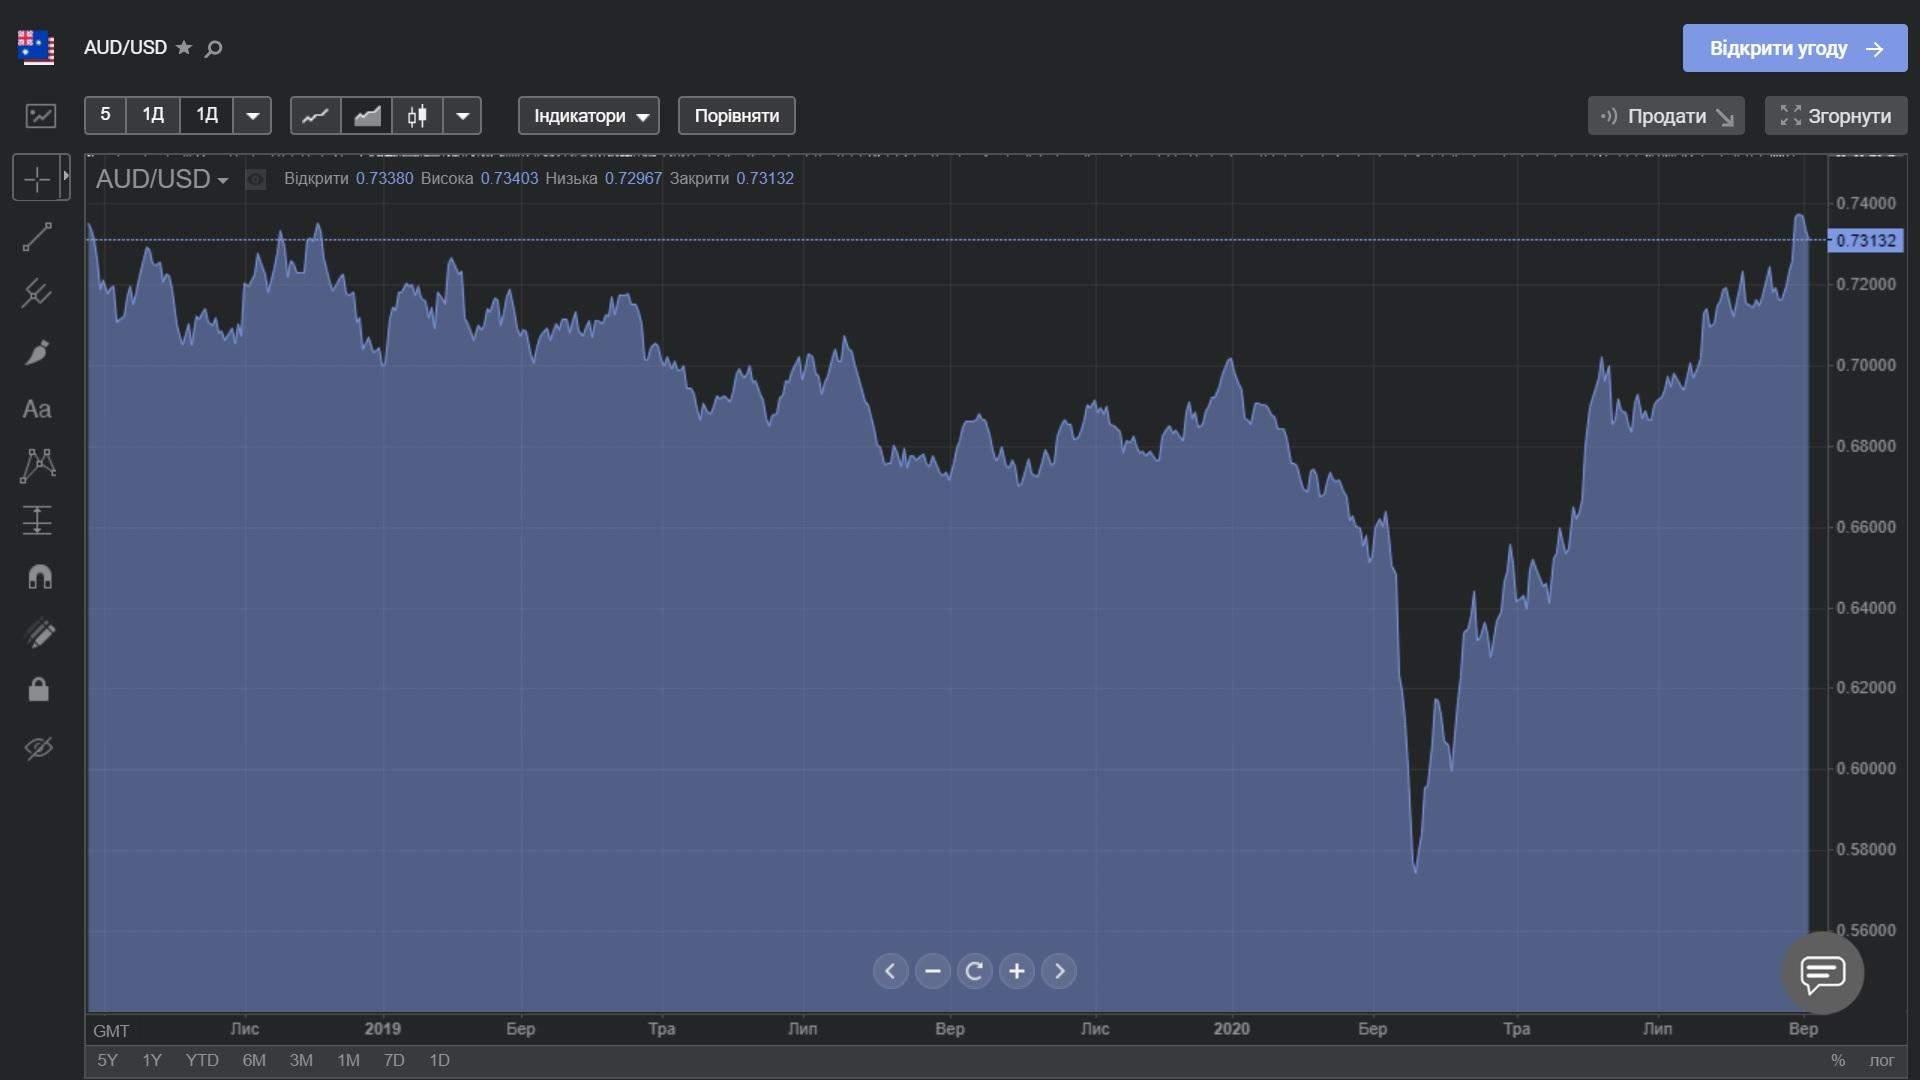 AUD/USD протягом останніх 2 років